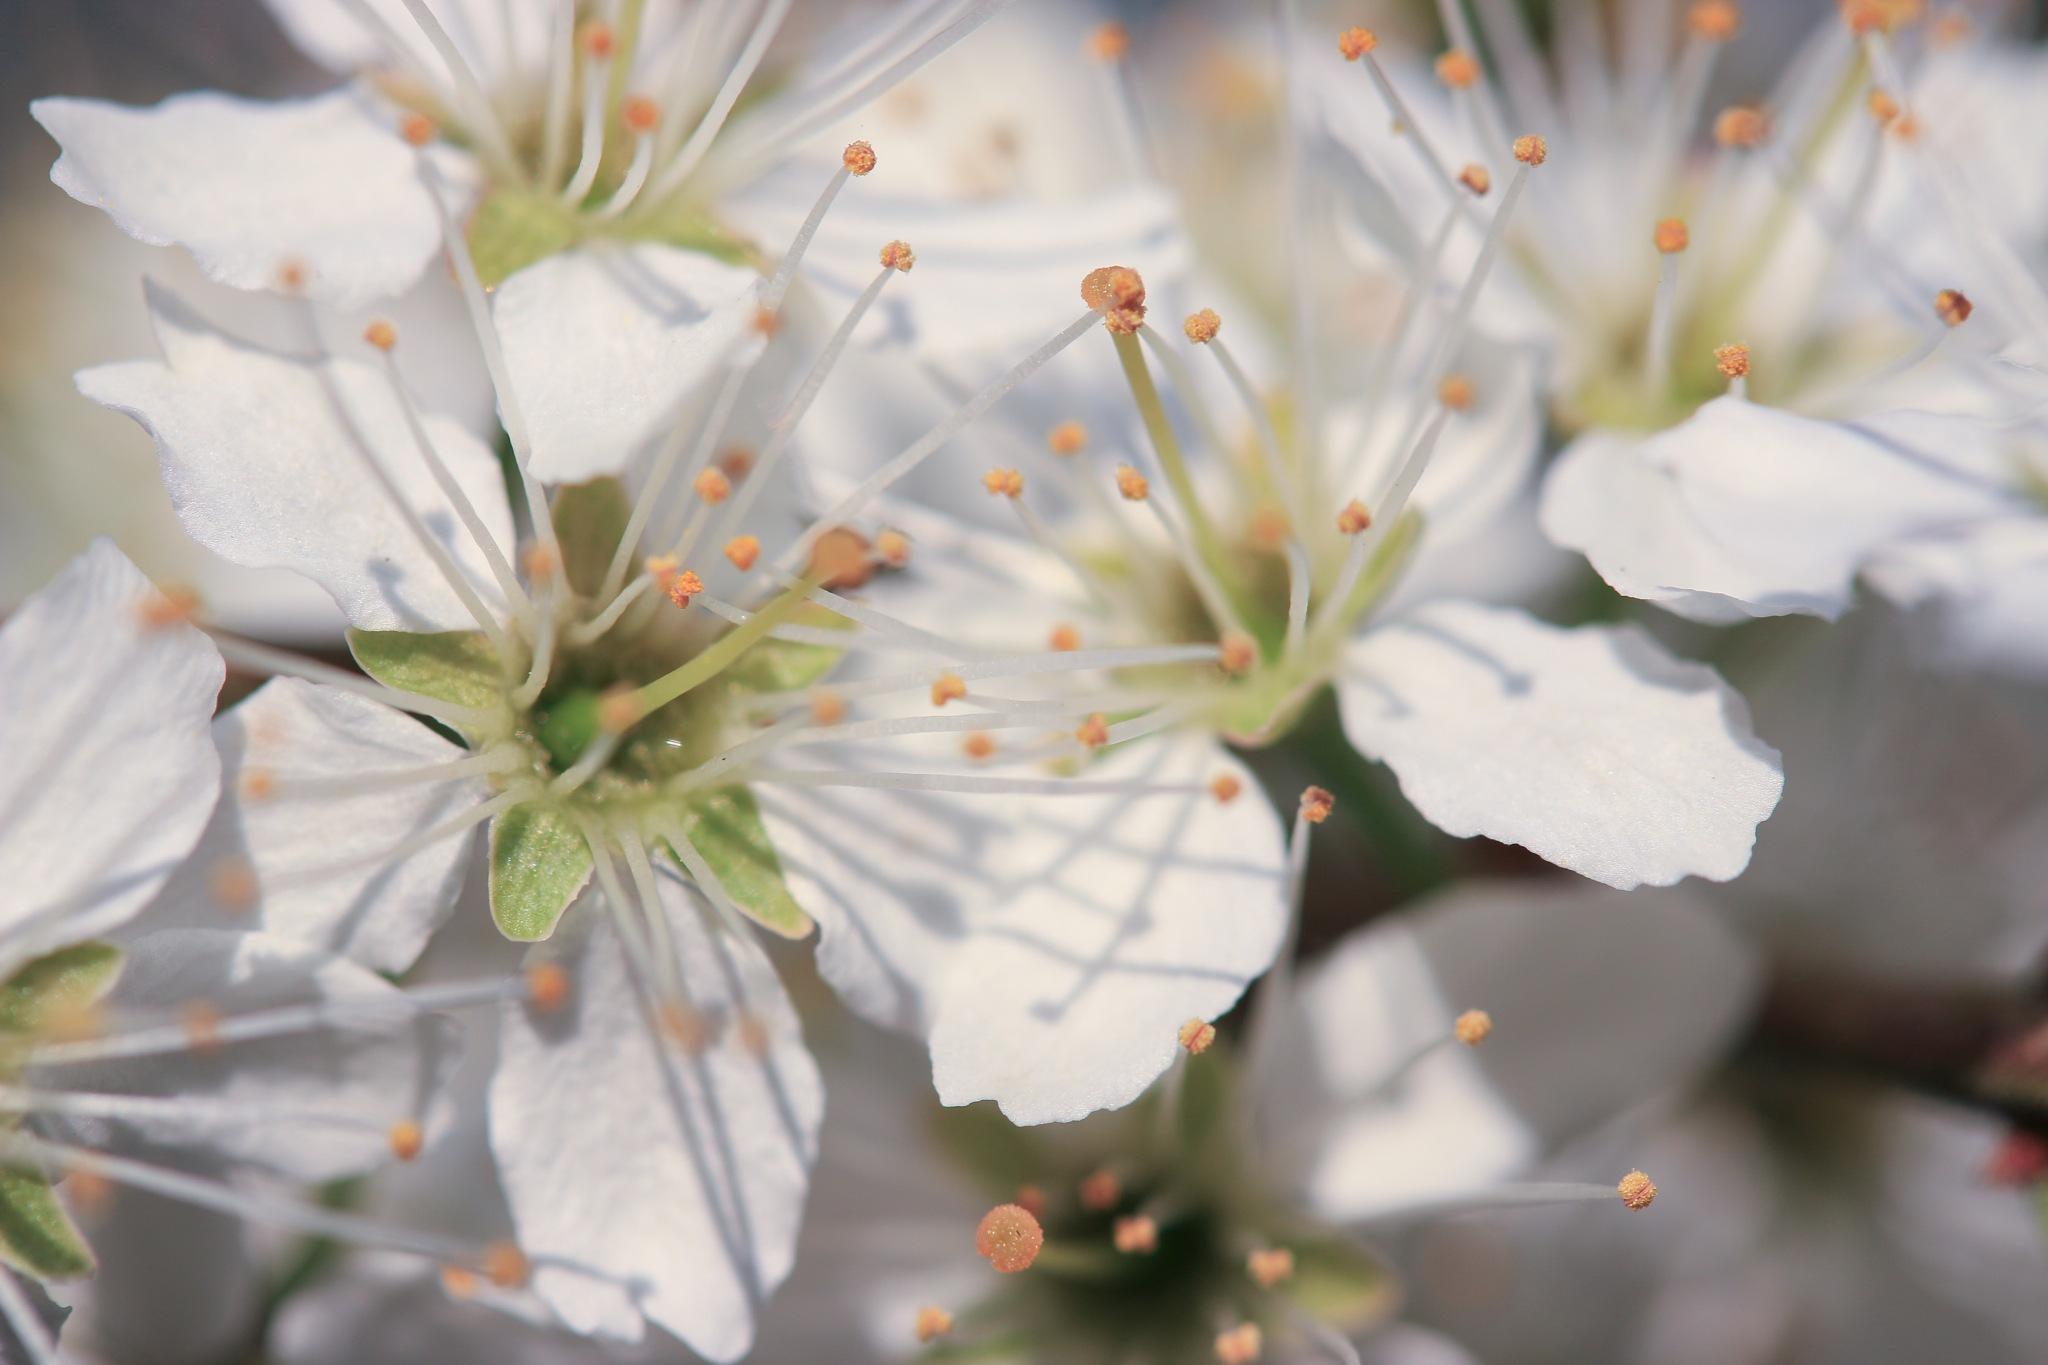 closeup by Karsten Larsen